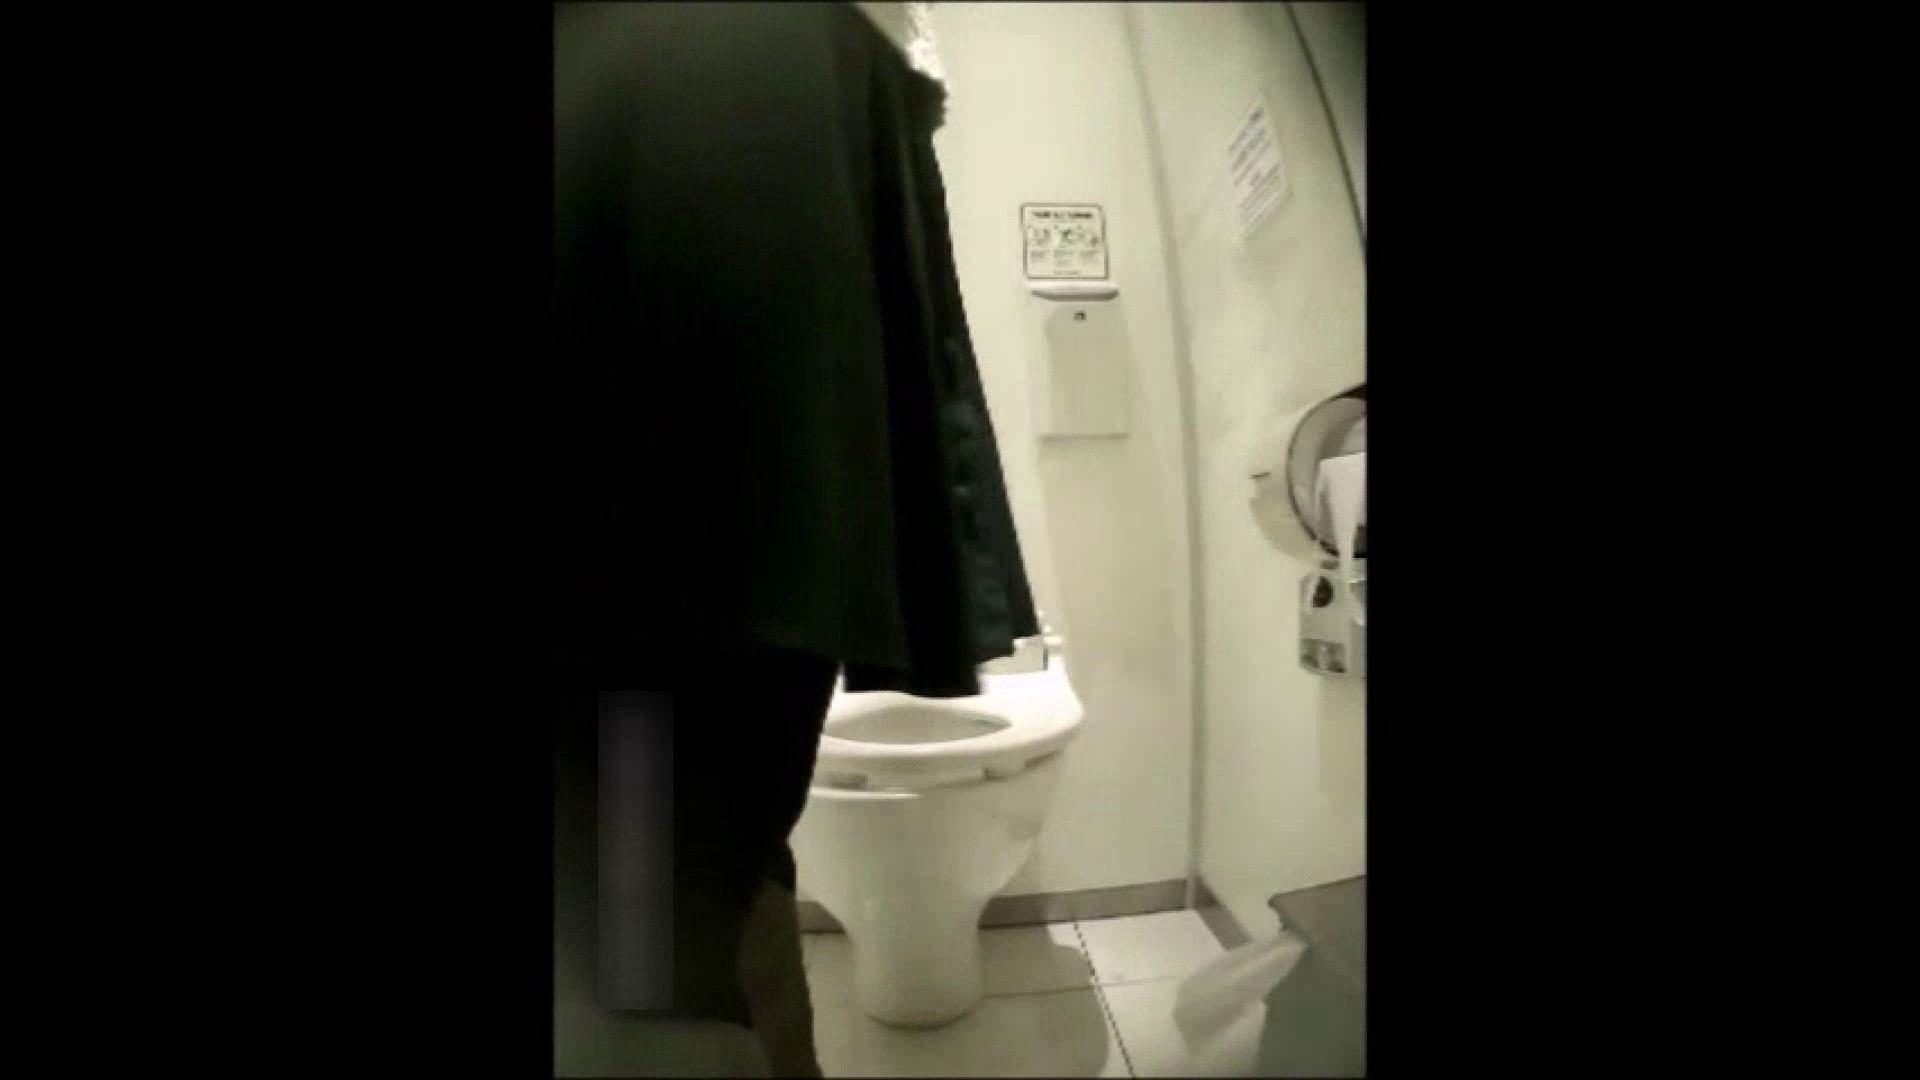 洗面所盗撮~隣の美人お姉さんVol.16 ギャルエロ画像 ワレメ無修正動画無料 102PICs 57